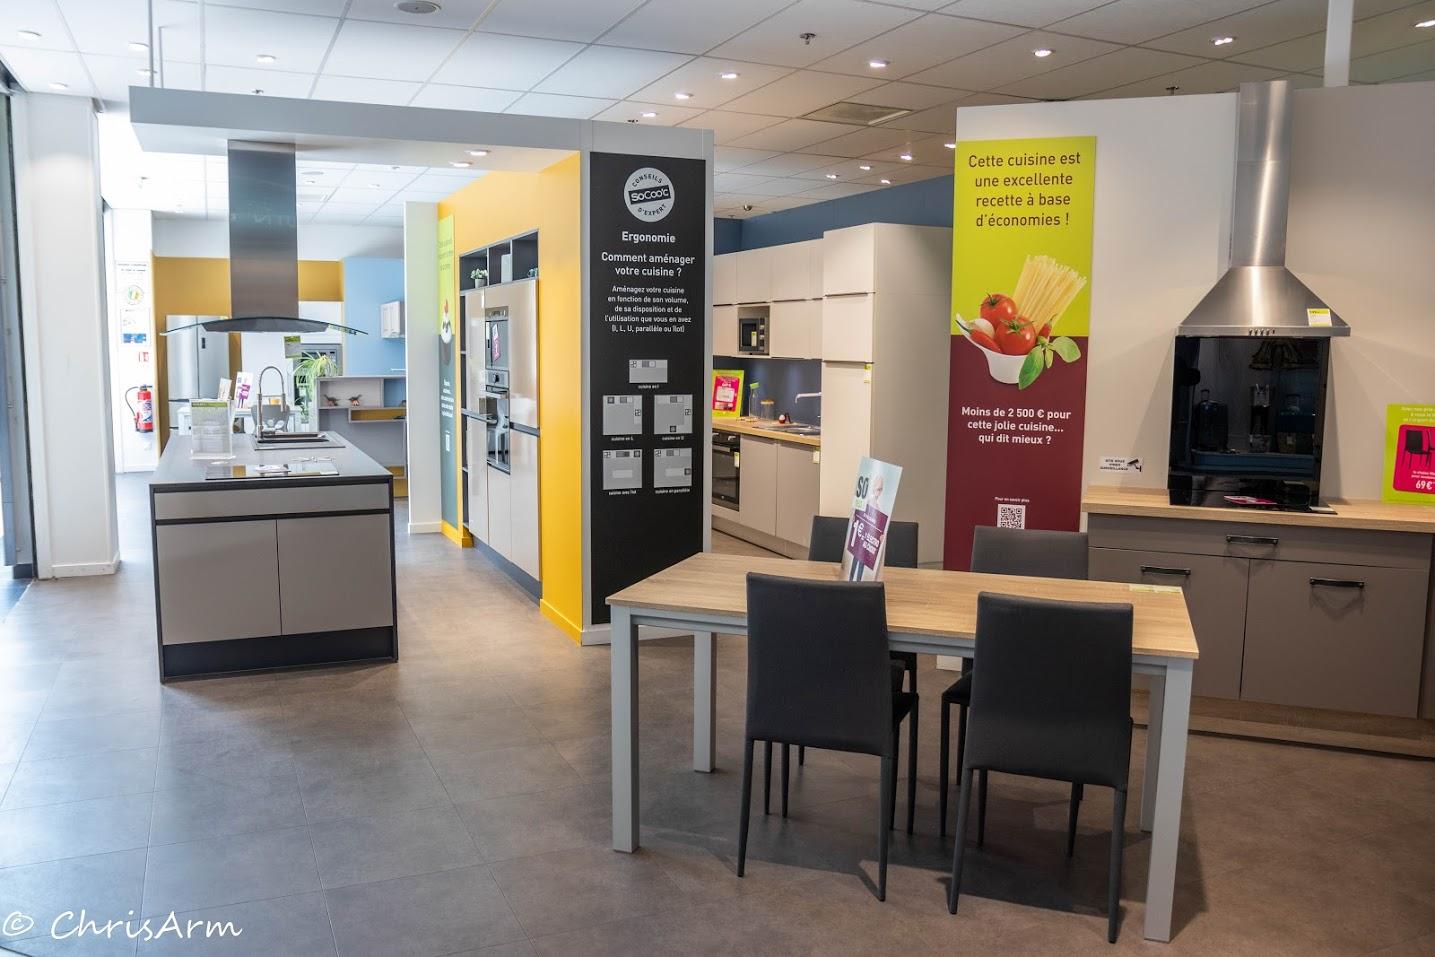 Magasin Socoo C Cuisine socooc - centre commercial du belvédère - auchan - dieppe